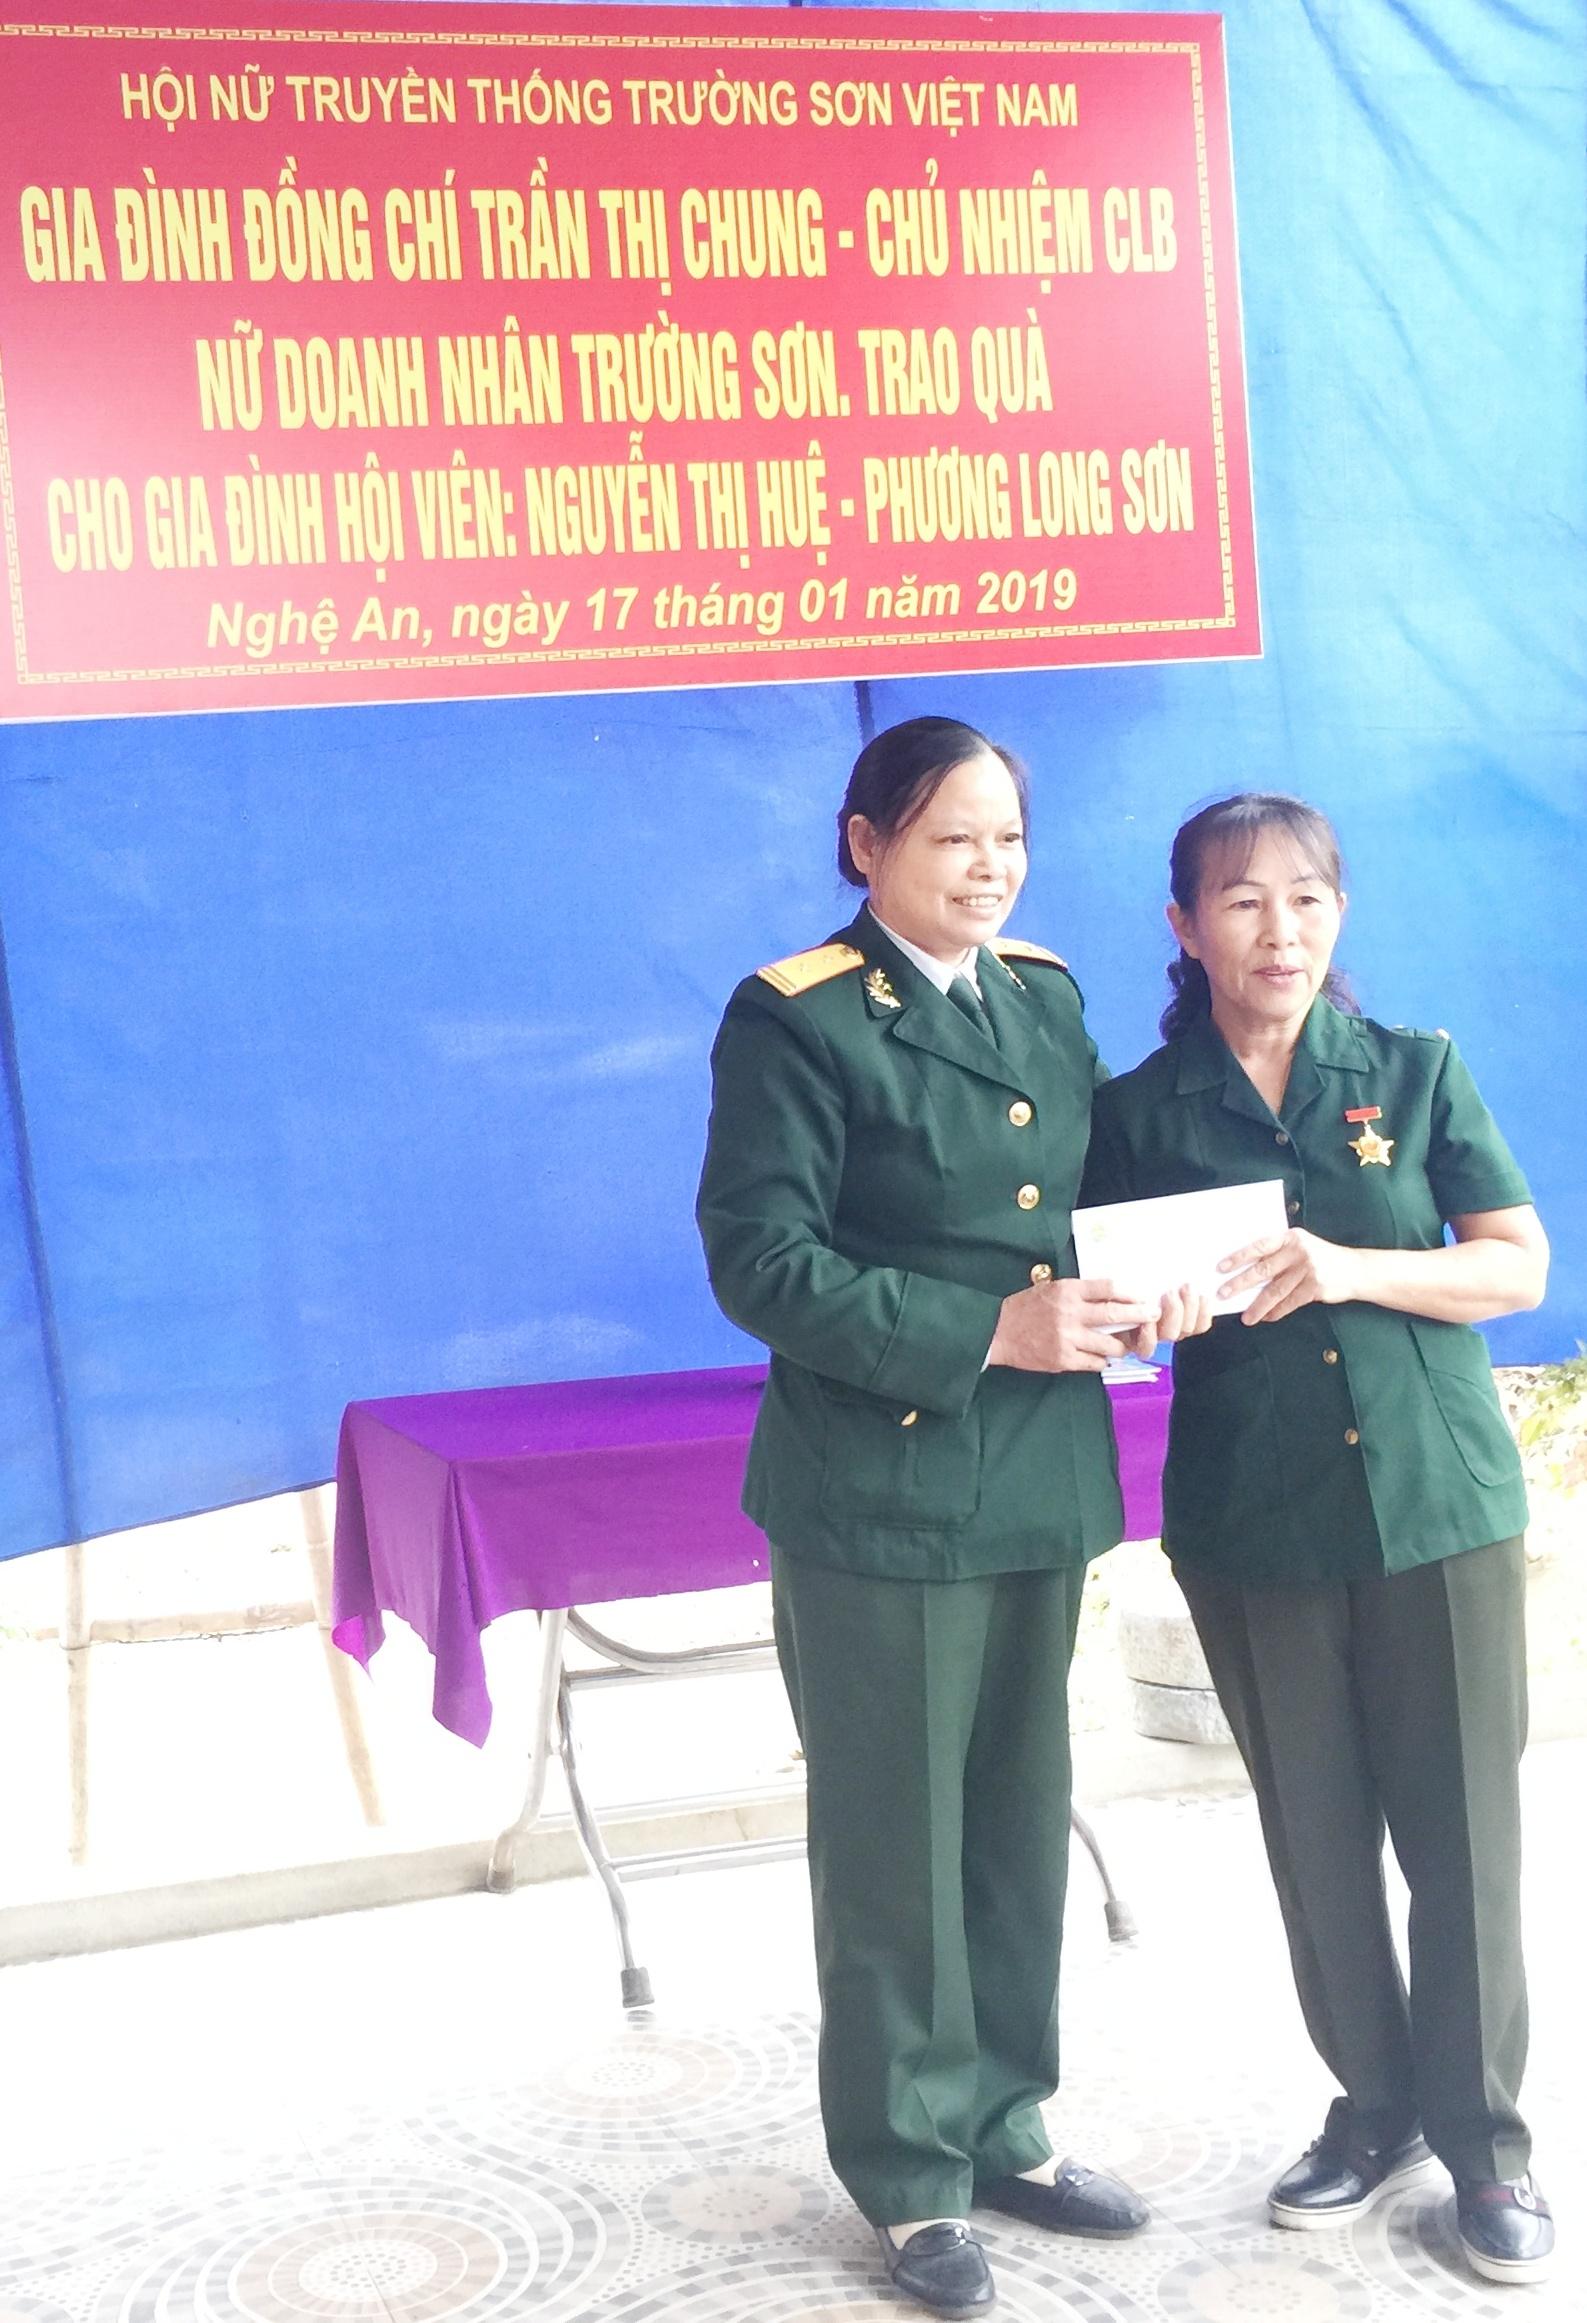 Hội Nữ CSTS VN cùng gia đình Đ/c Trần Thị Chung hỗ trợ Hội viên Nguyễn Thị Huệ tỉnh Nghệ An làm nhà tình nghĩa